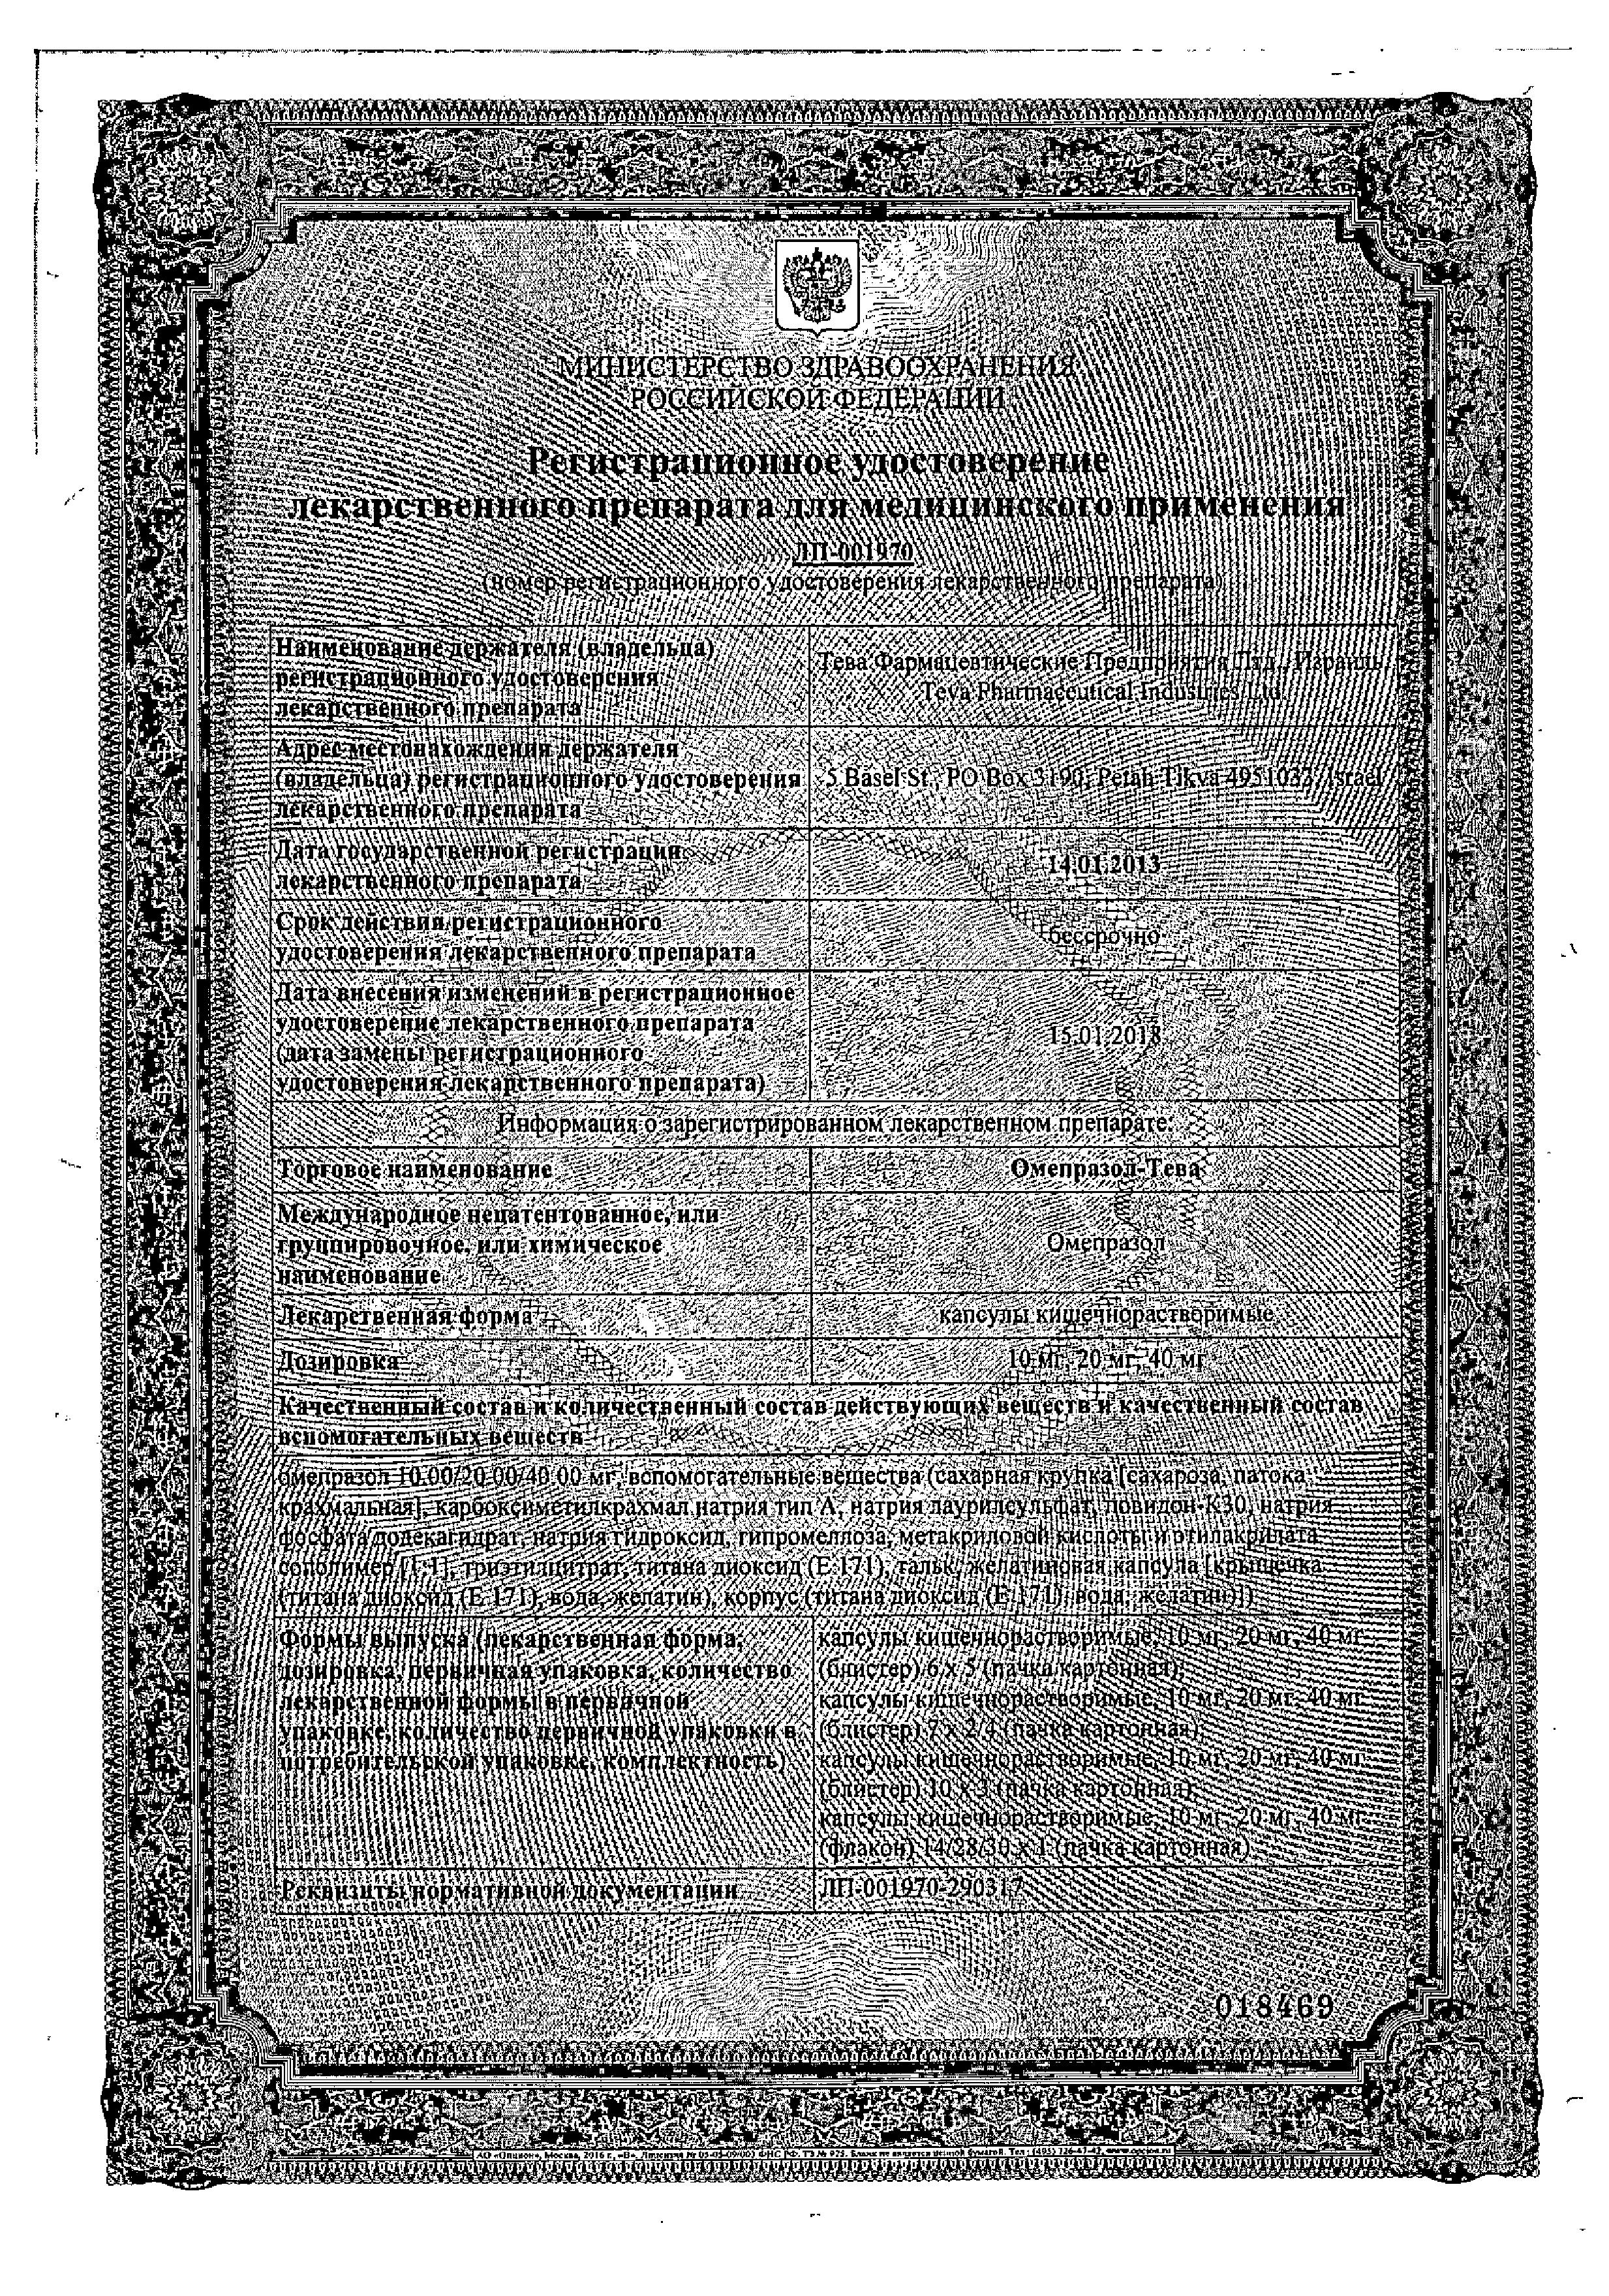 Омепразол-Тева сертификат